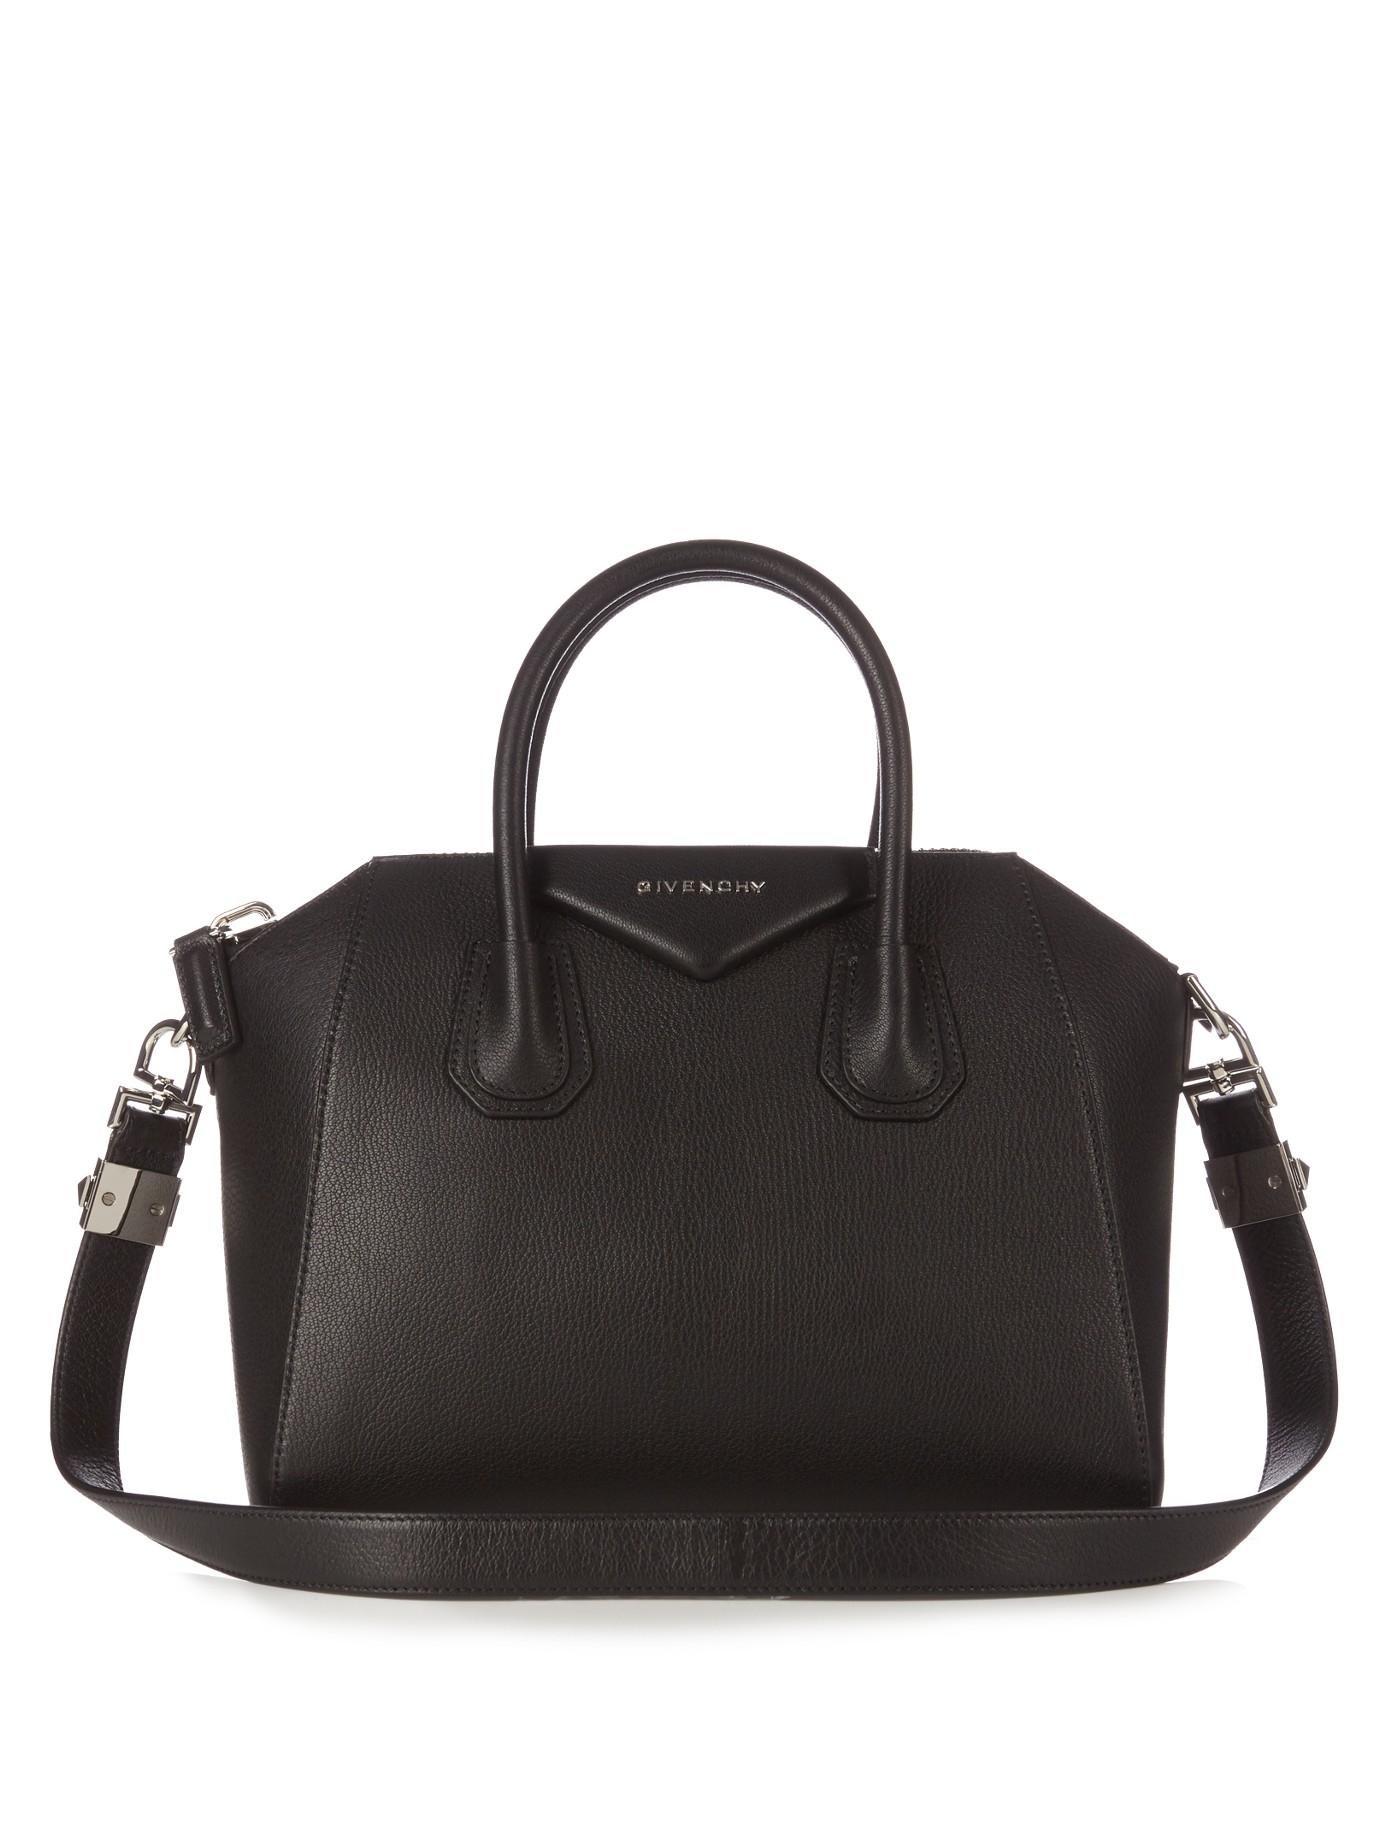 Givenchy Small Antigona Tote in Black - Lyst 3c45e56890f16